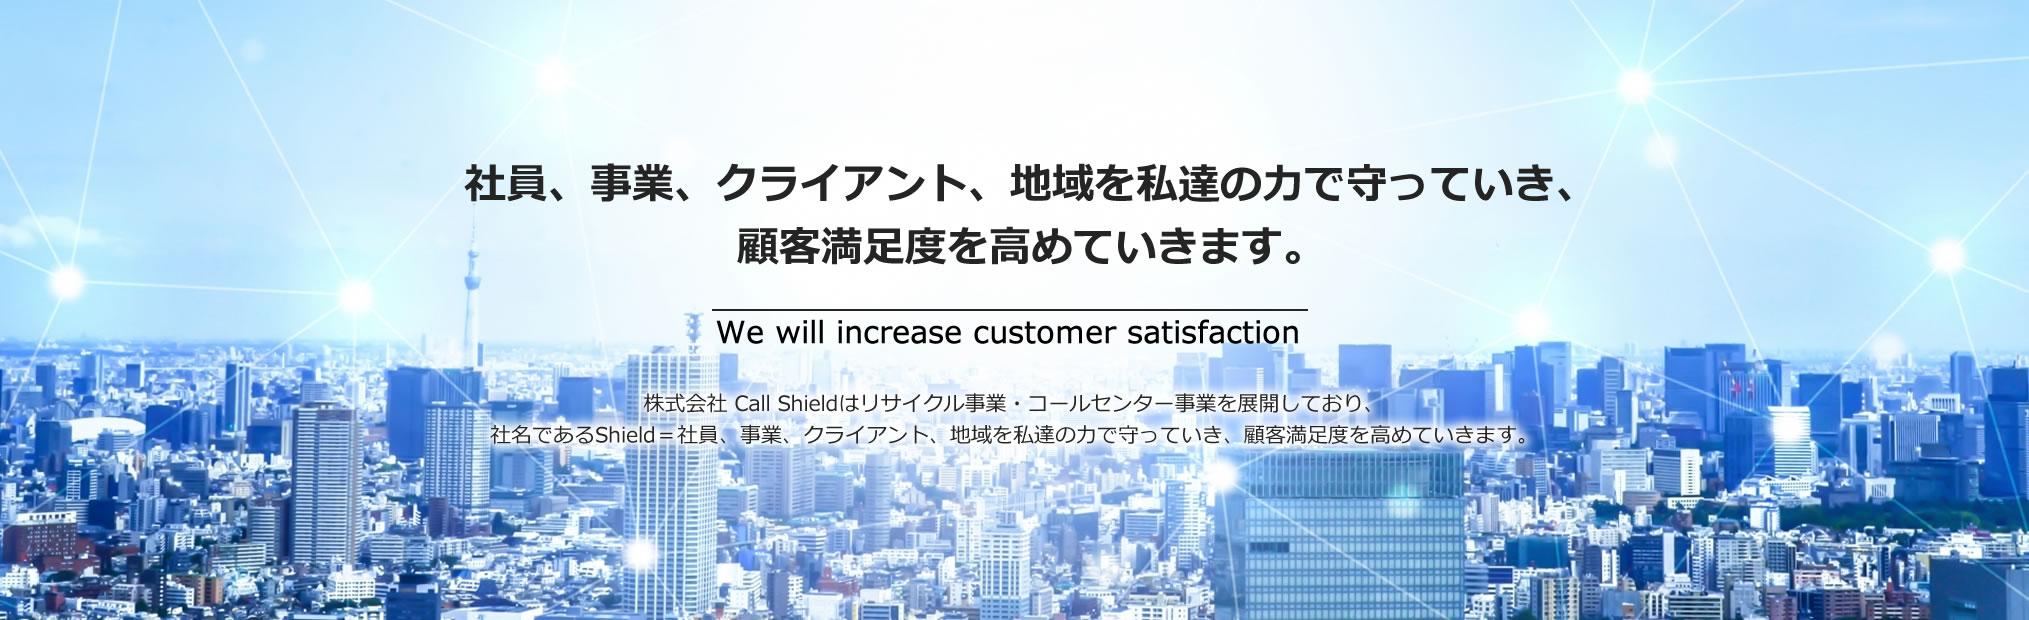 株式会社 Call Shield